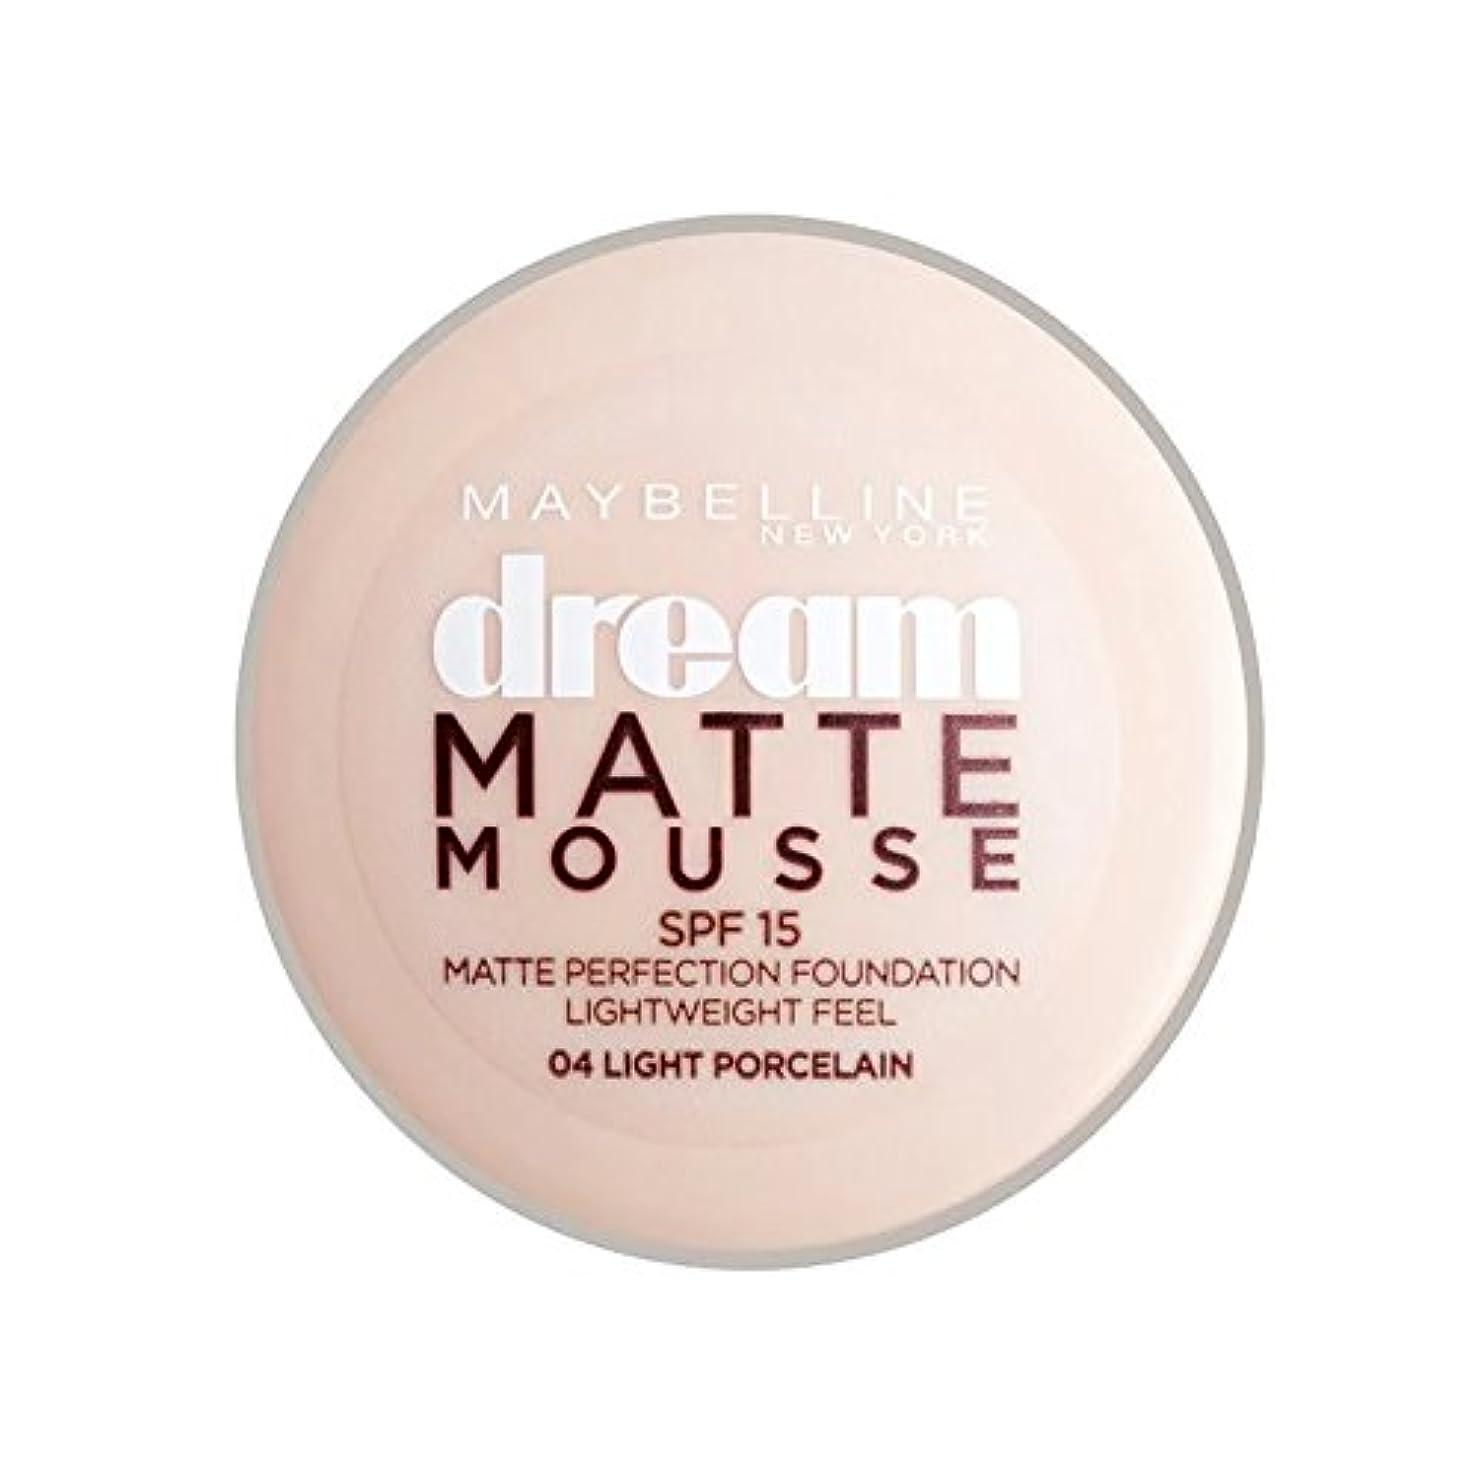 筋一中傷メイベリン夢のマットムース土台04磁器30ミリリットル x4 - Maybelline Dream Matte Mousse Foundation 04 Porcelain 30ml (Pack of 4) [並行輸入品]